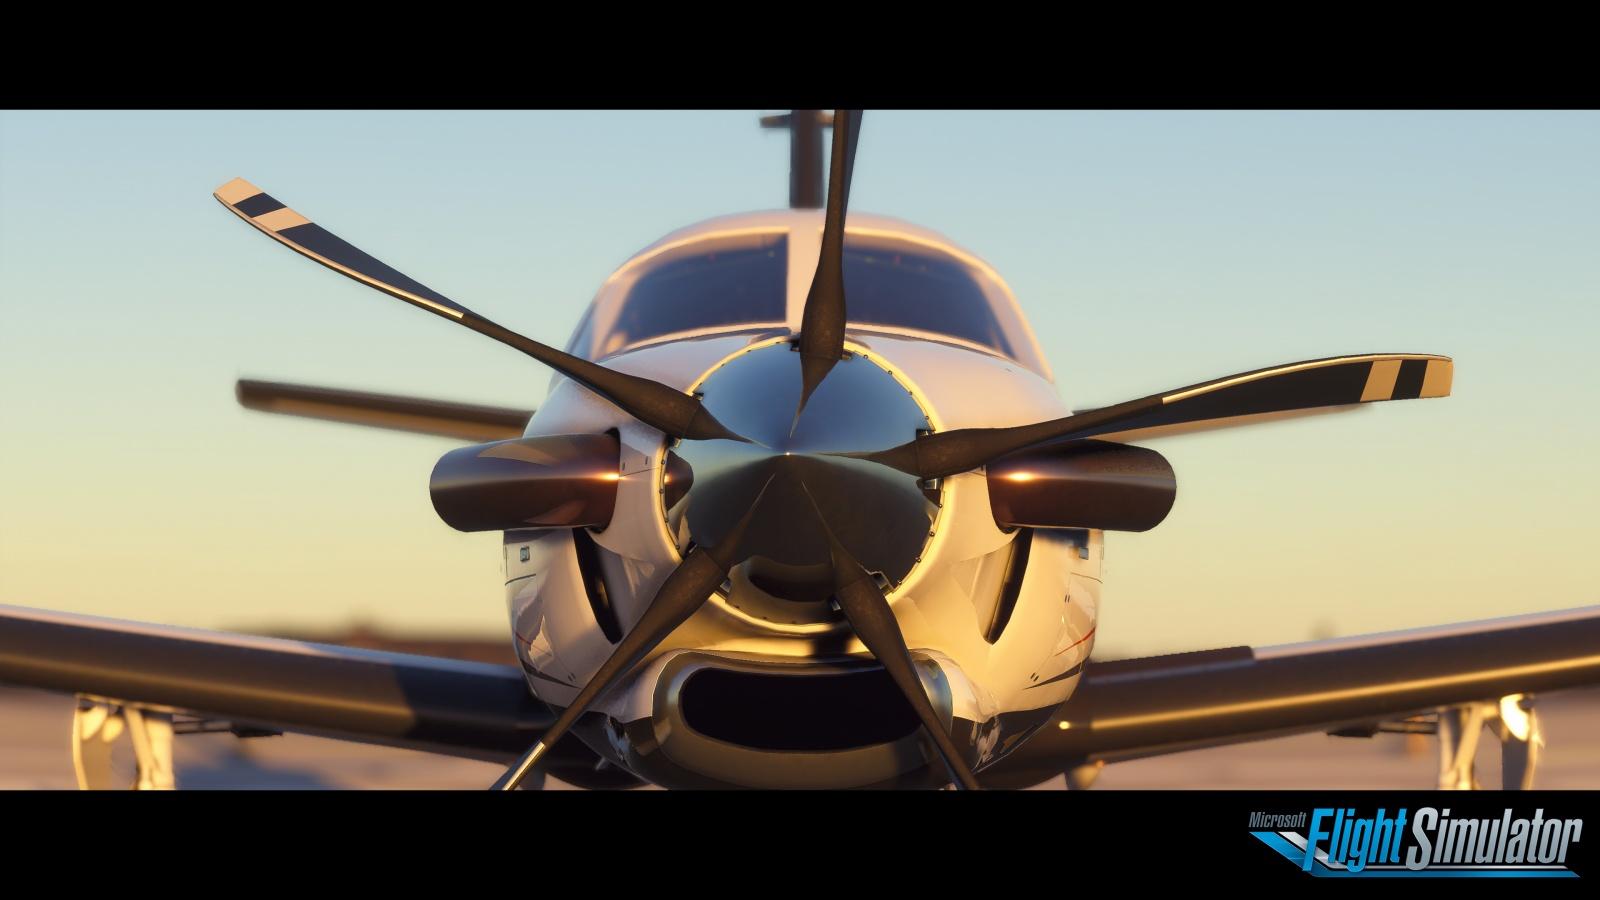 Легендарная игра MS Flight Simulator возвращается спустя 12 лет - 2